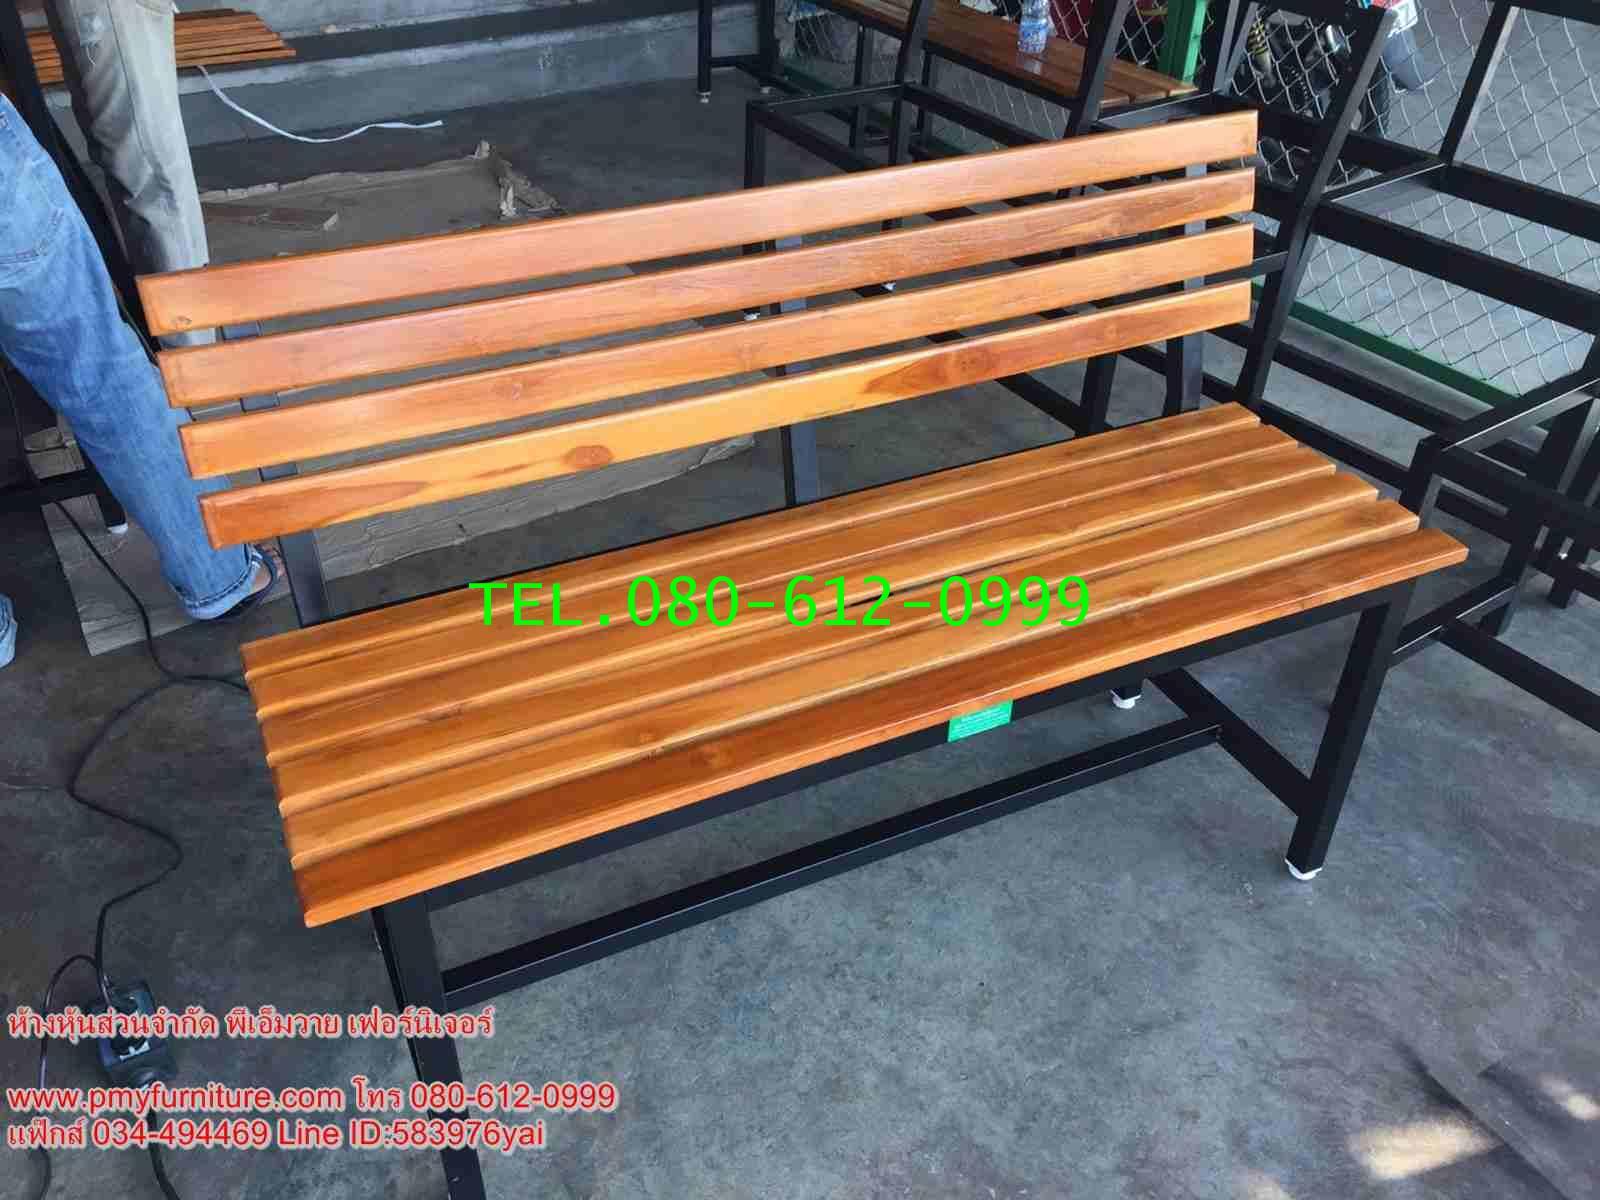 pmy19-11 ม้านั่งระแนงไม้สักหน้า 2 ยาว 120 ซม มีพนักพิงหลัง